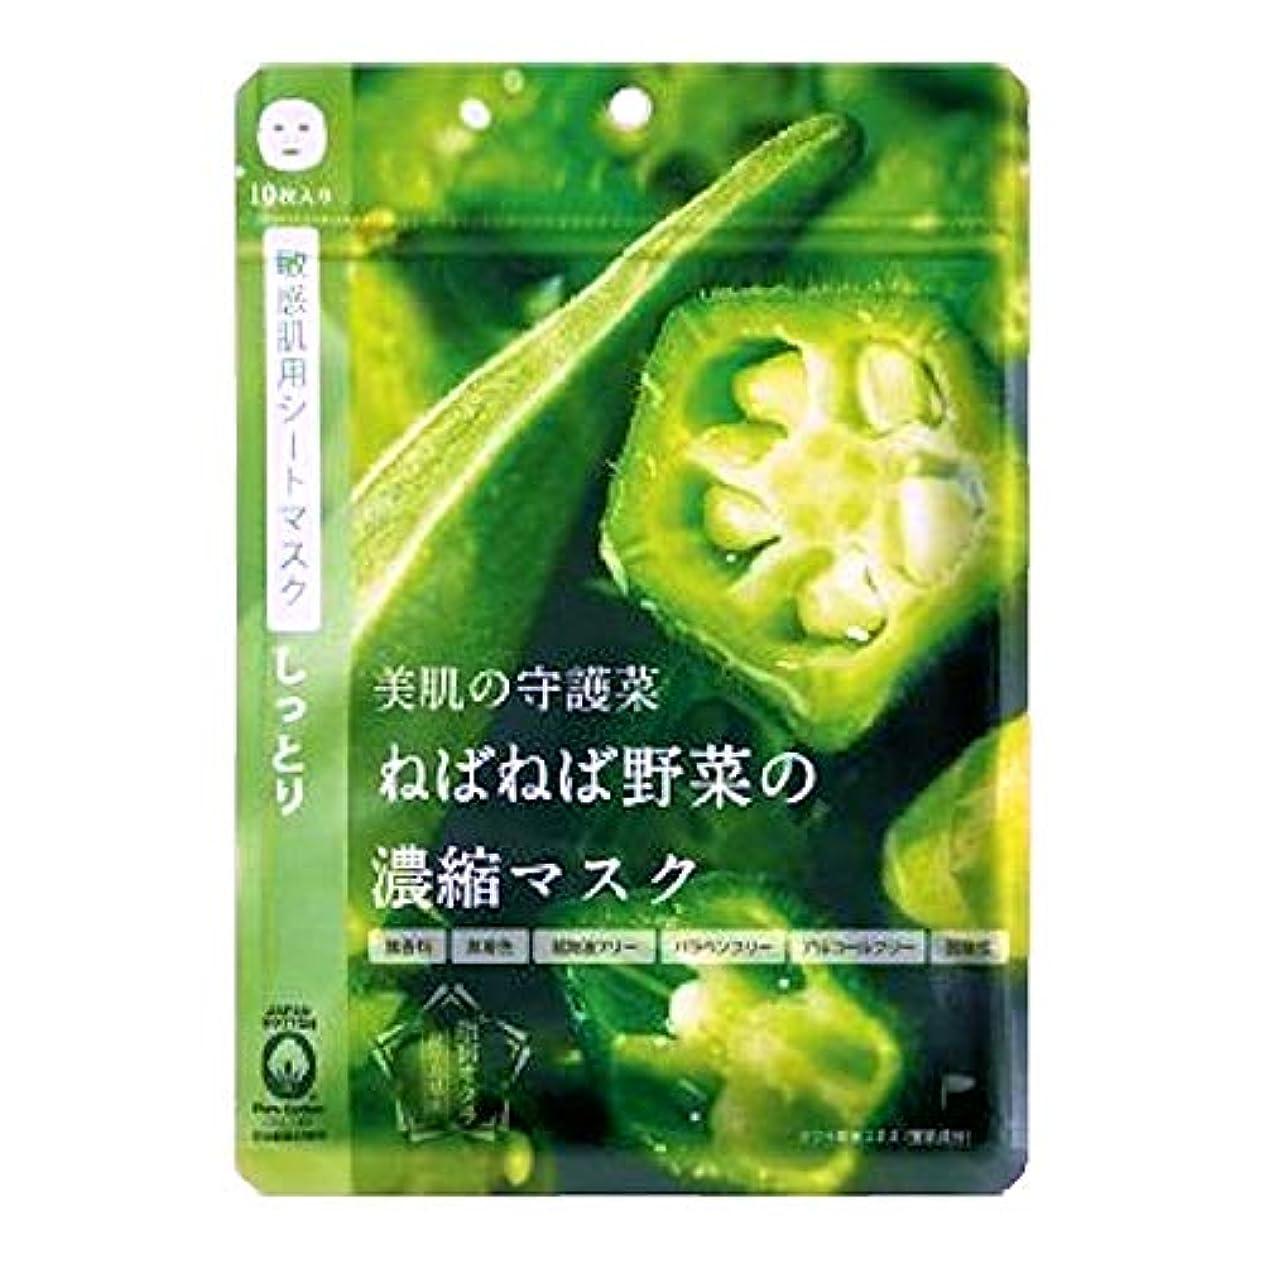 酔った代表するを必要としています@cosme nippon 美肌の守護菜 ねばねば野菜の濃縮マスク 指宿オクラ 10枚入り 160ml